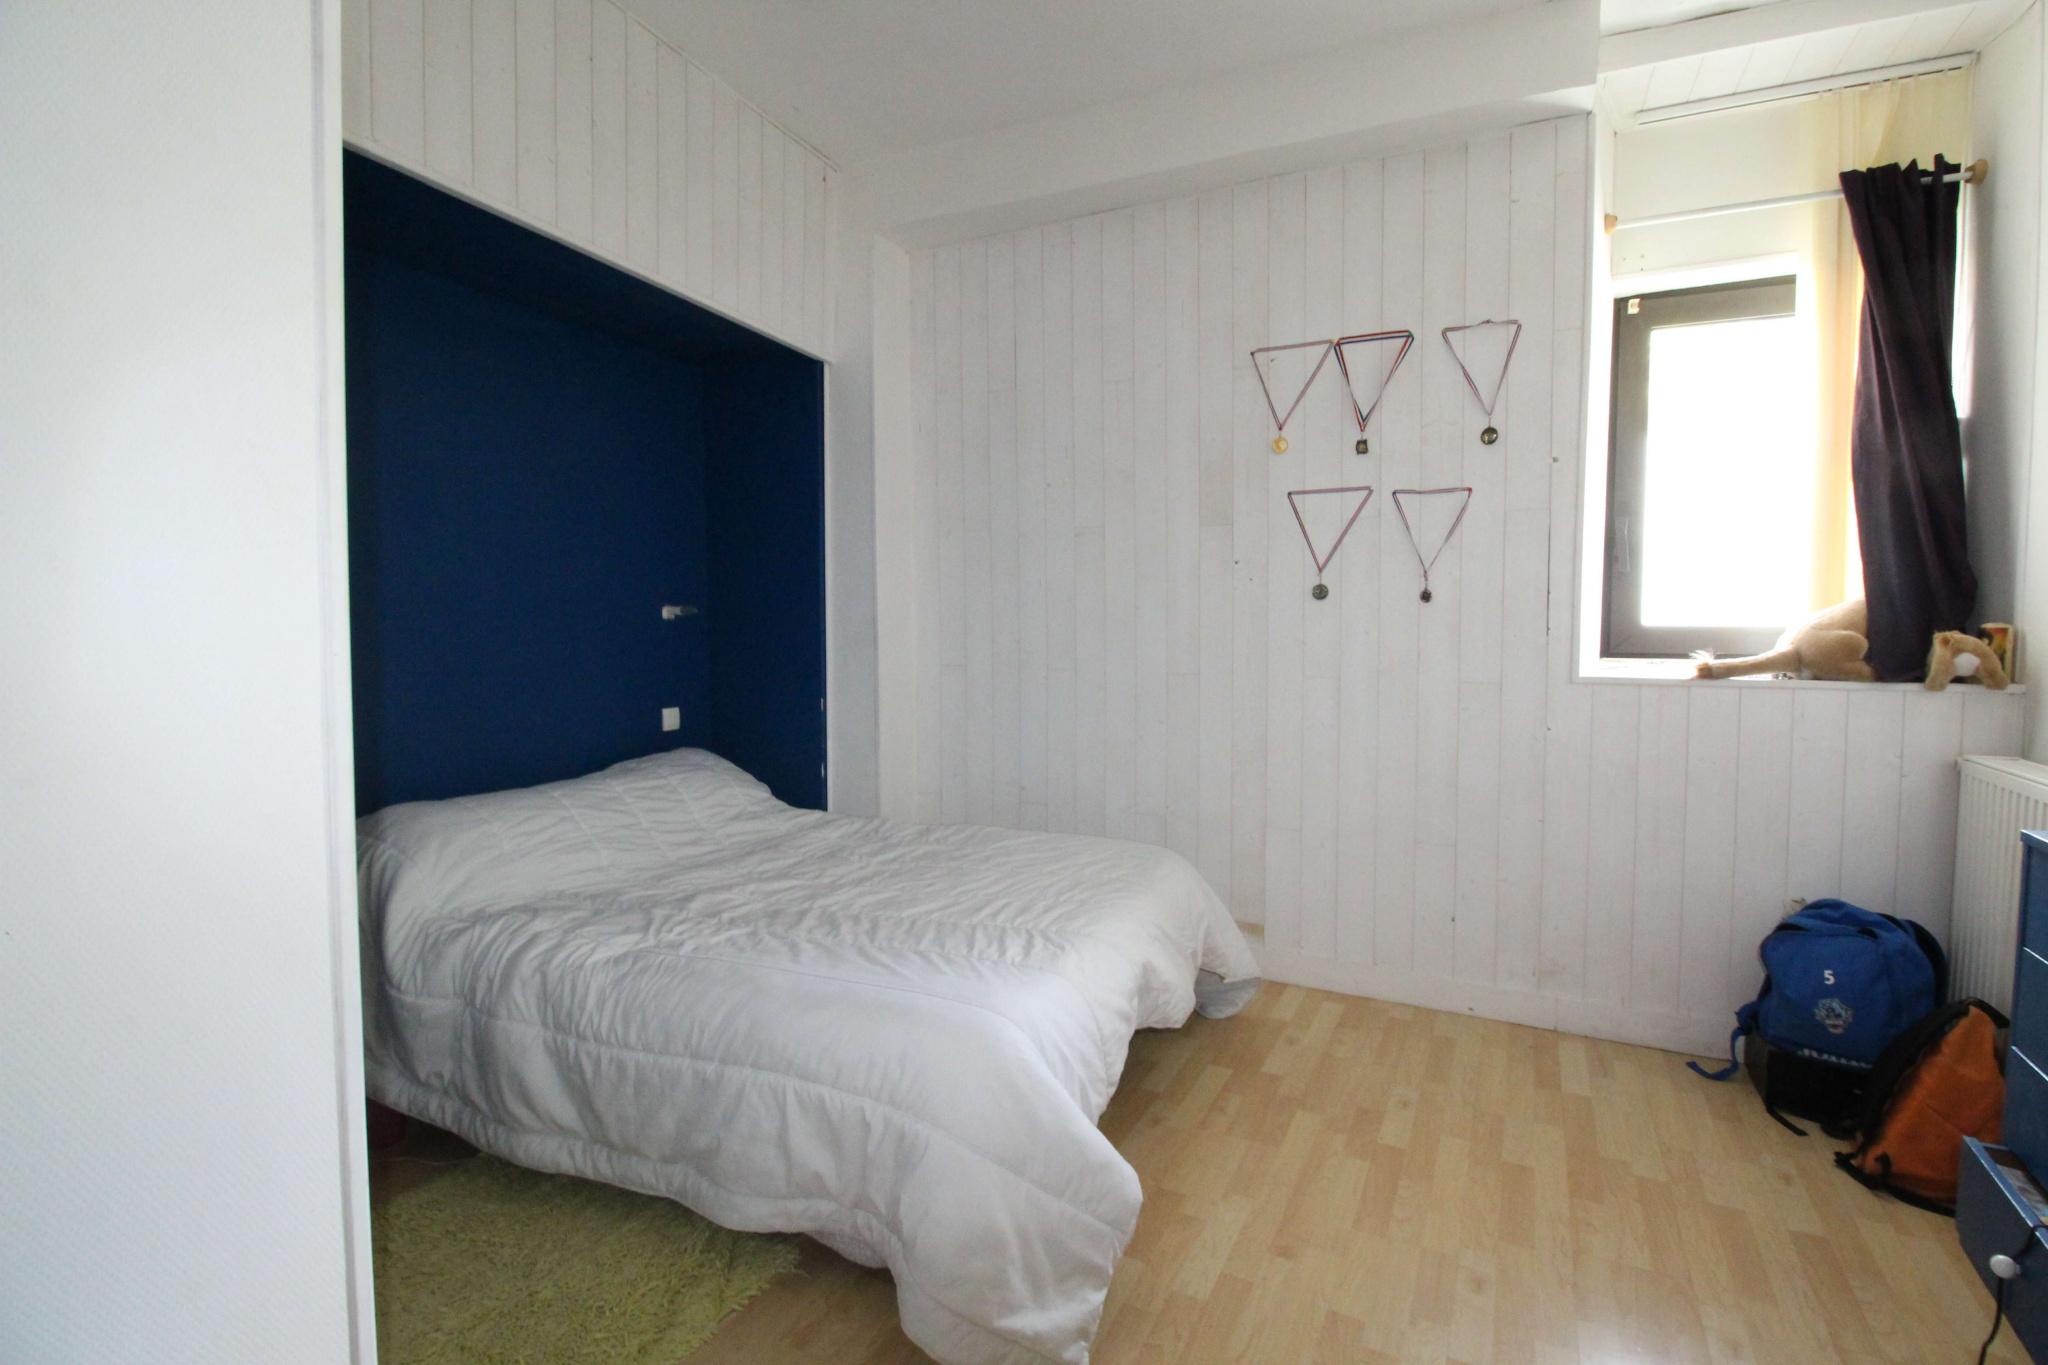 appartement 4 pièce(s) - Proche centre ville